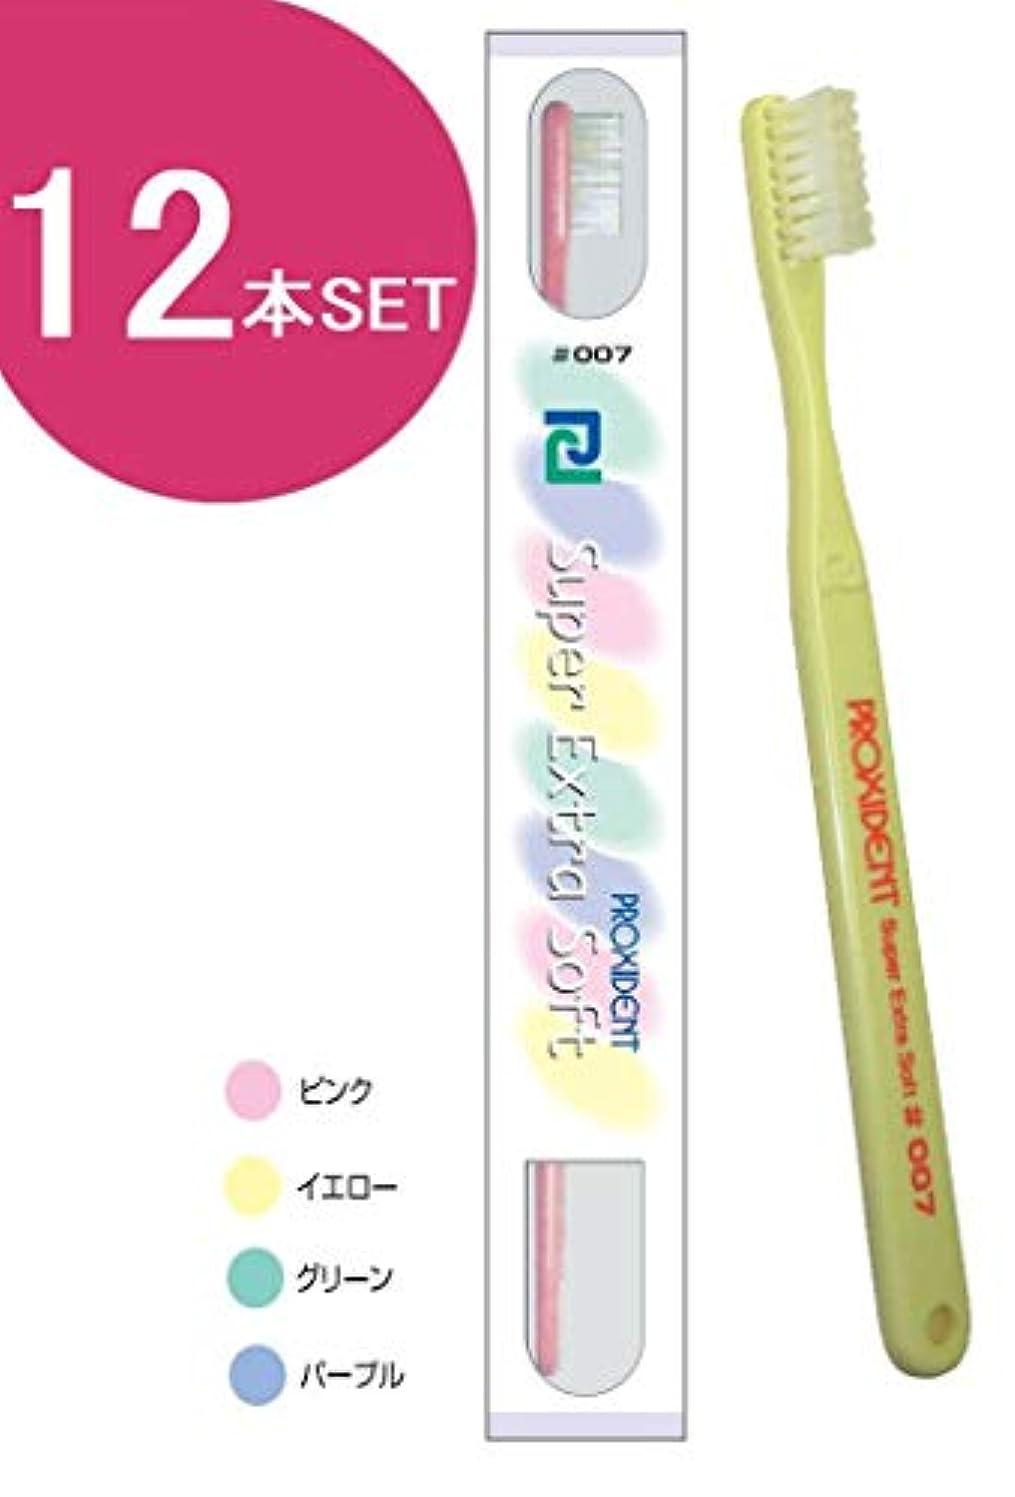 自然勝者背の高いプローデント プロキシデント スリムトヘッド スーパーエクストラ ソフト歯ブラシ #007 (12本)